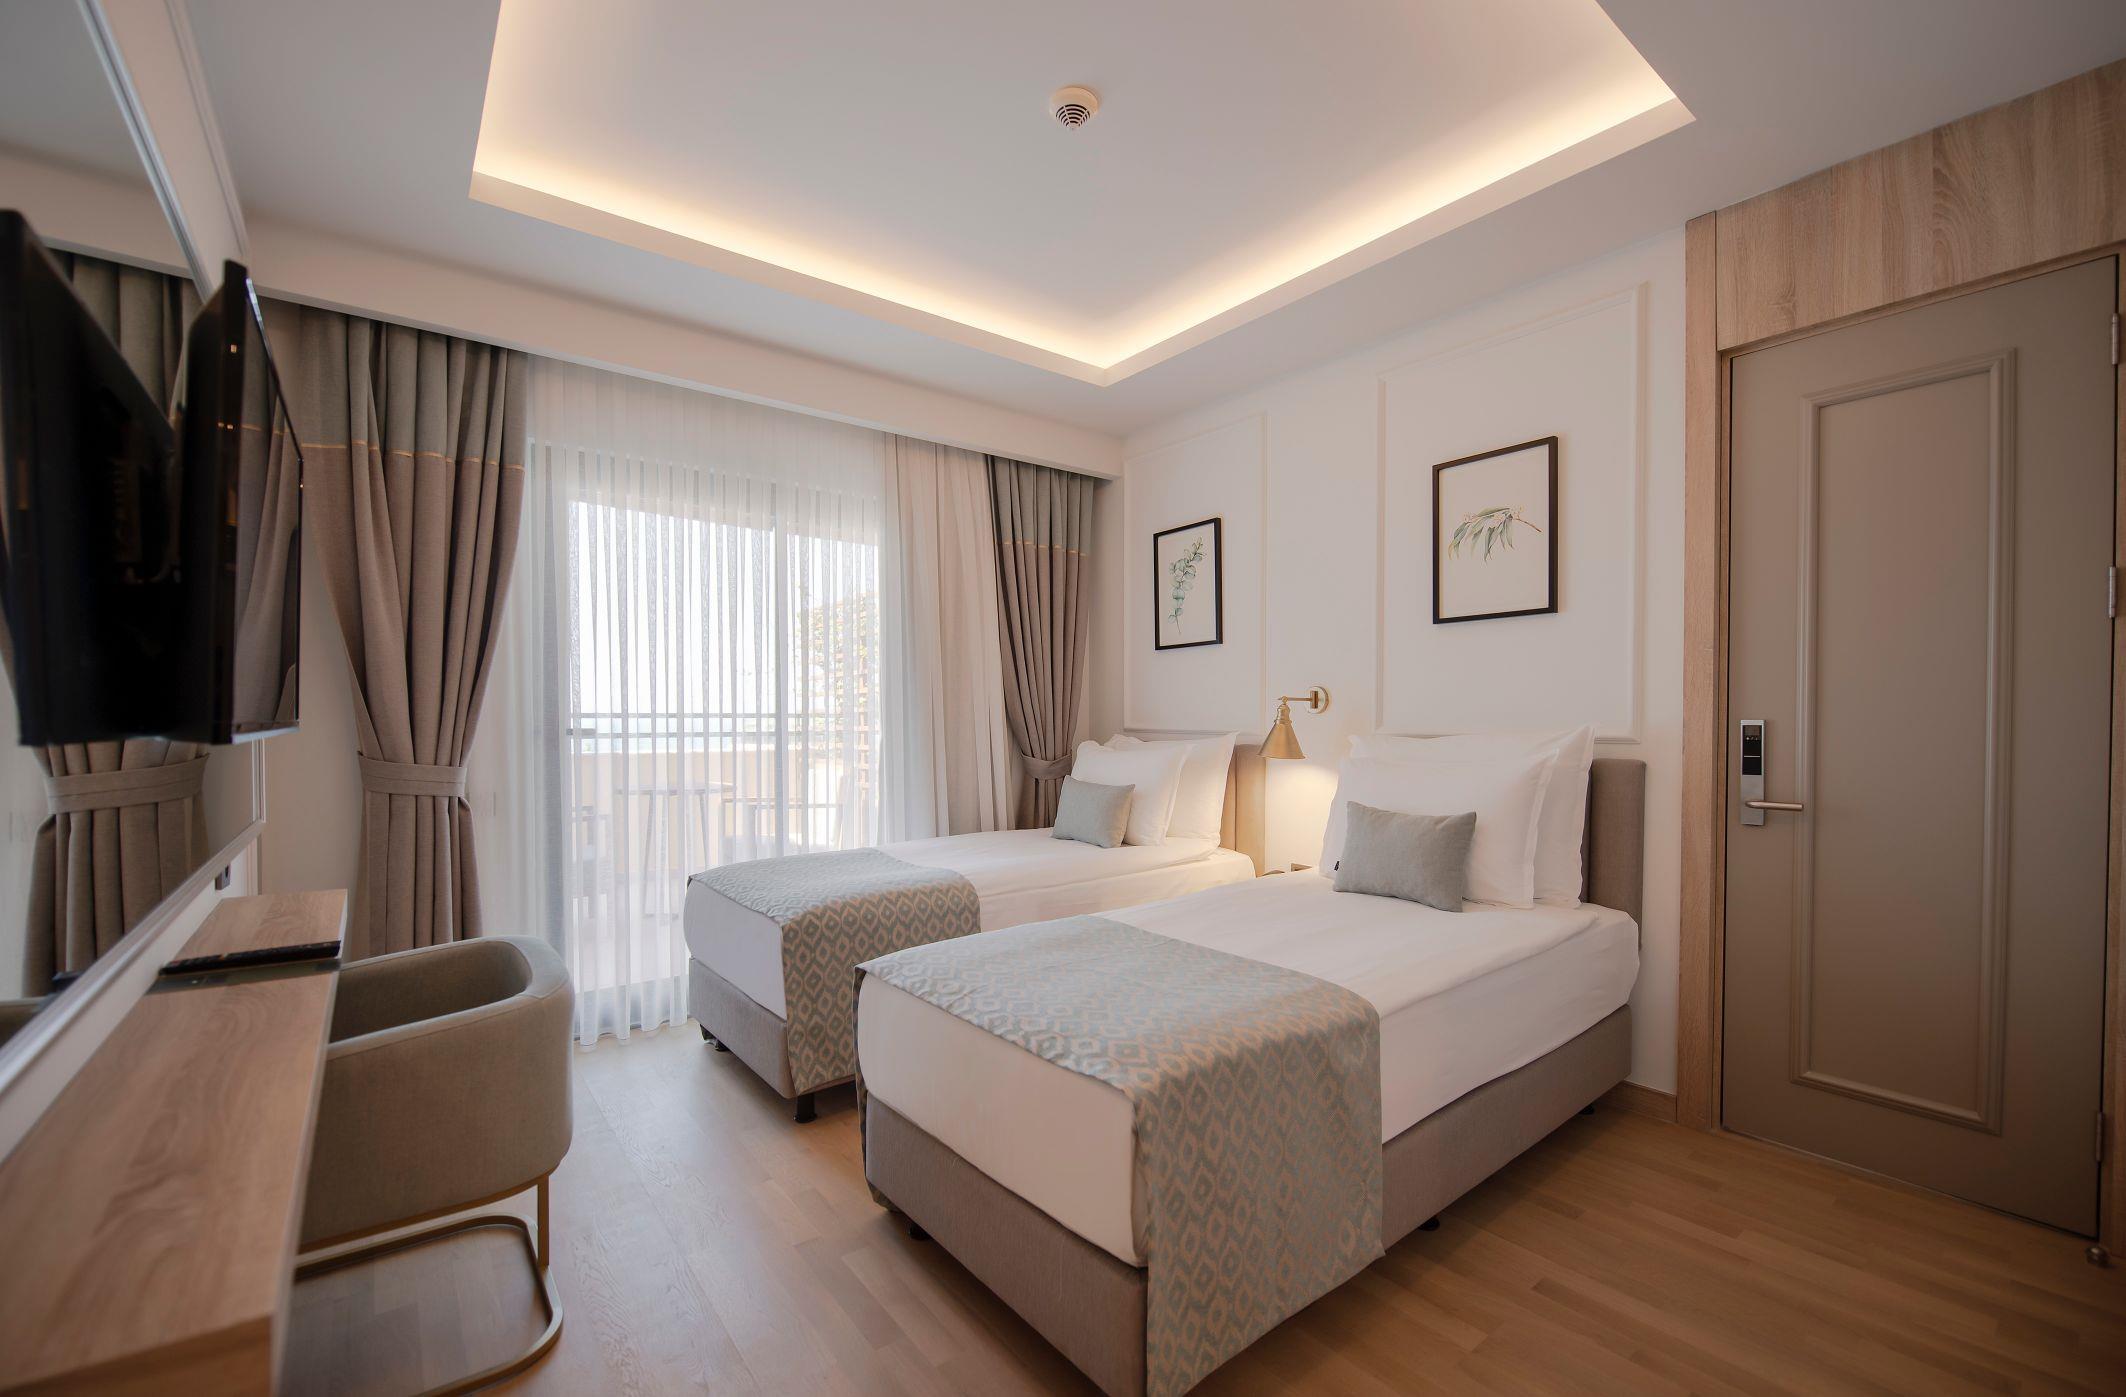 http://www.orextravel.sk/OREX/hotelphotos/miramare-queen-hotel-general-0024.jpg